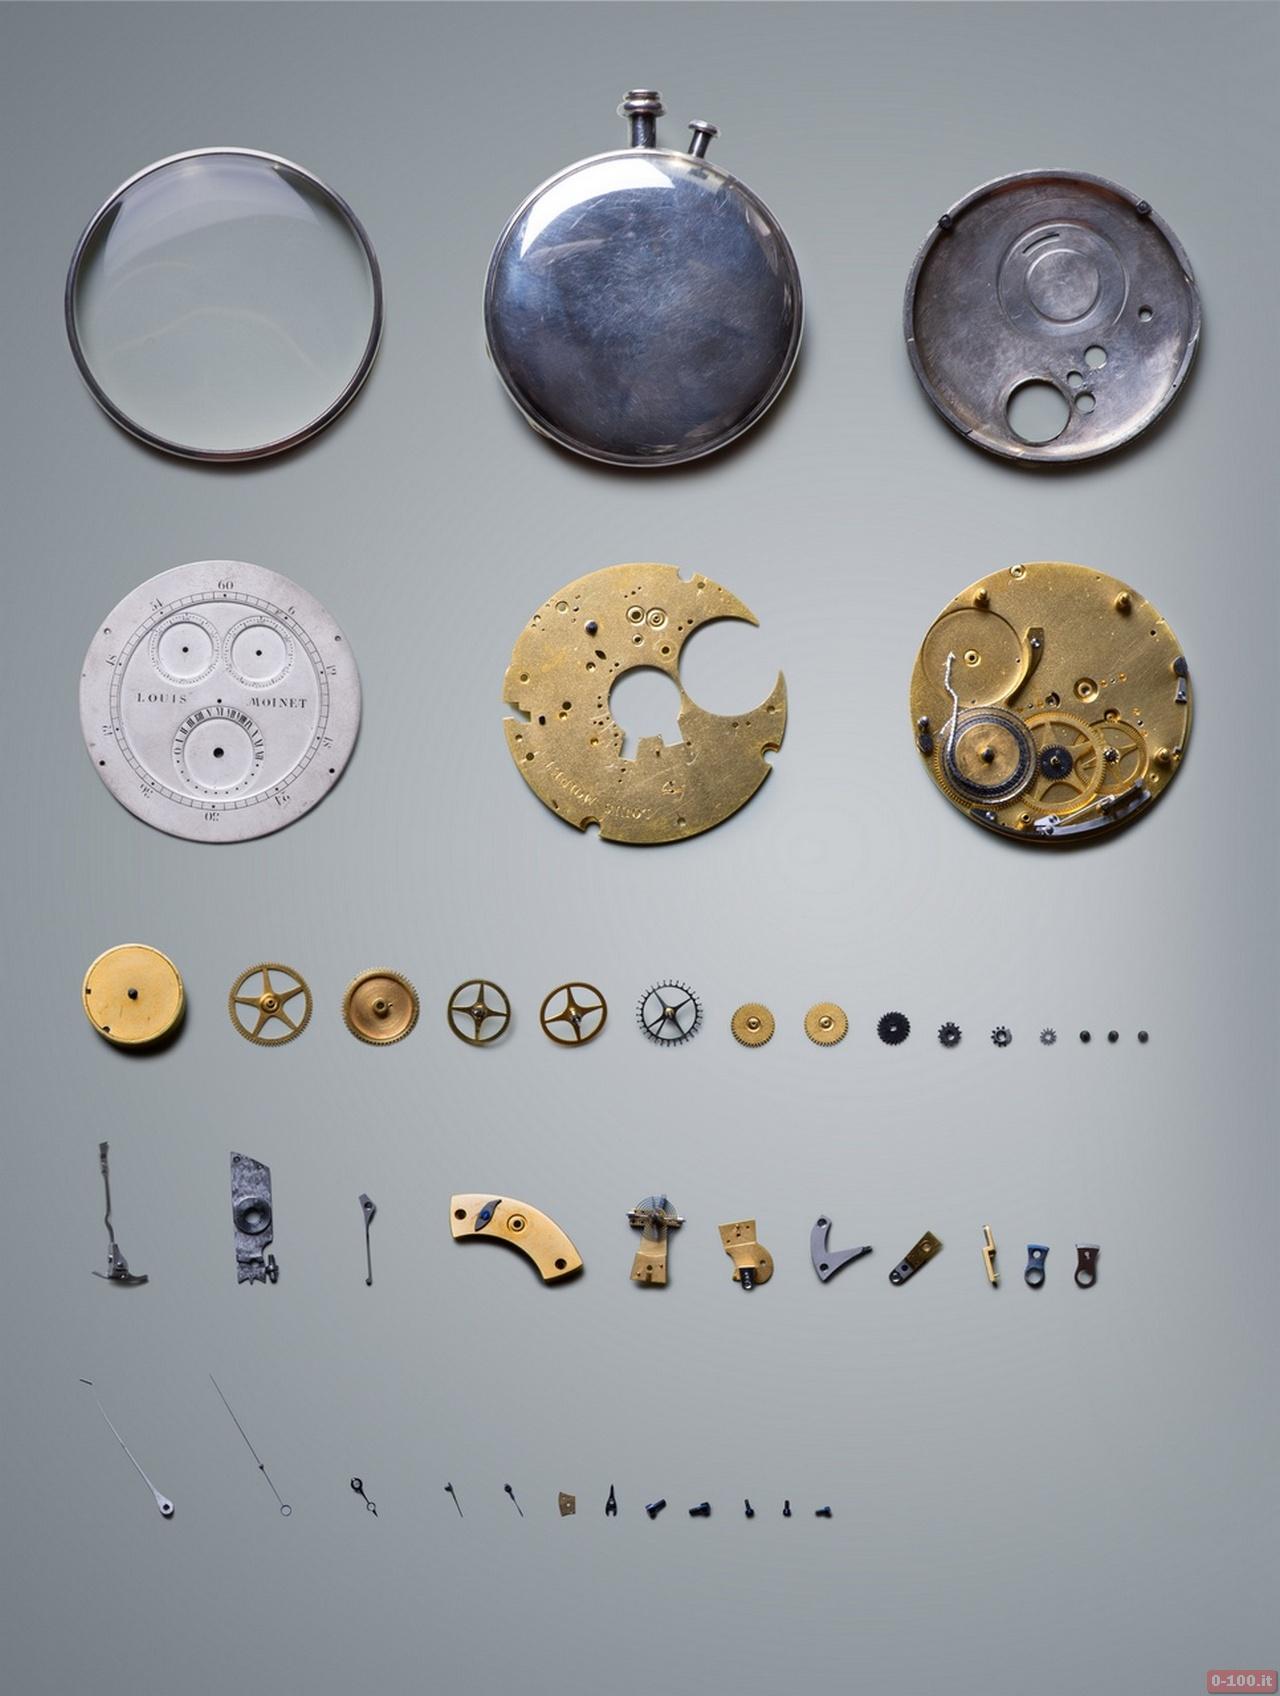 louis-moinet-compteur-de-tierces-chronograph-1816_0-100_24